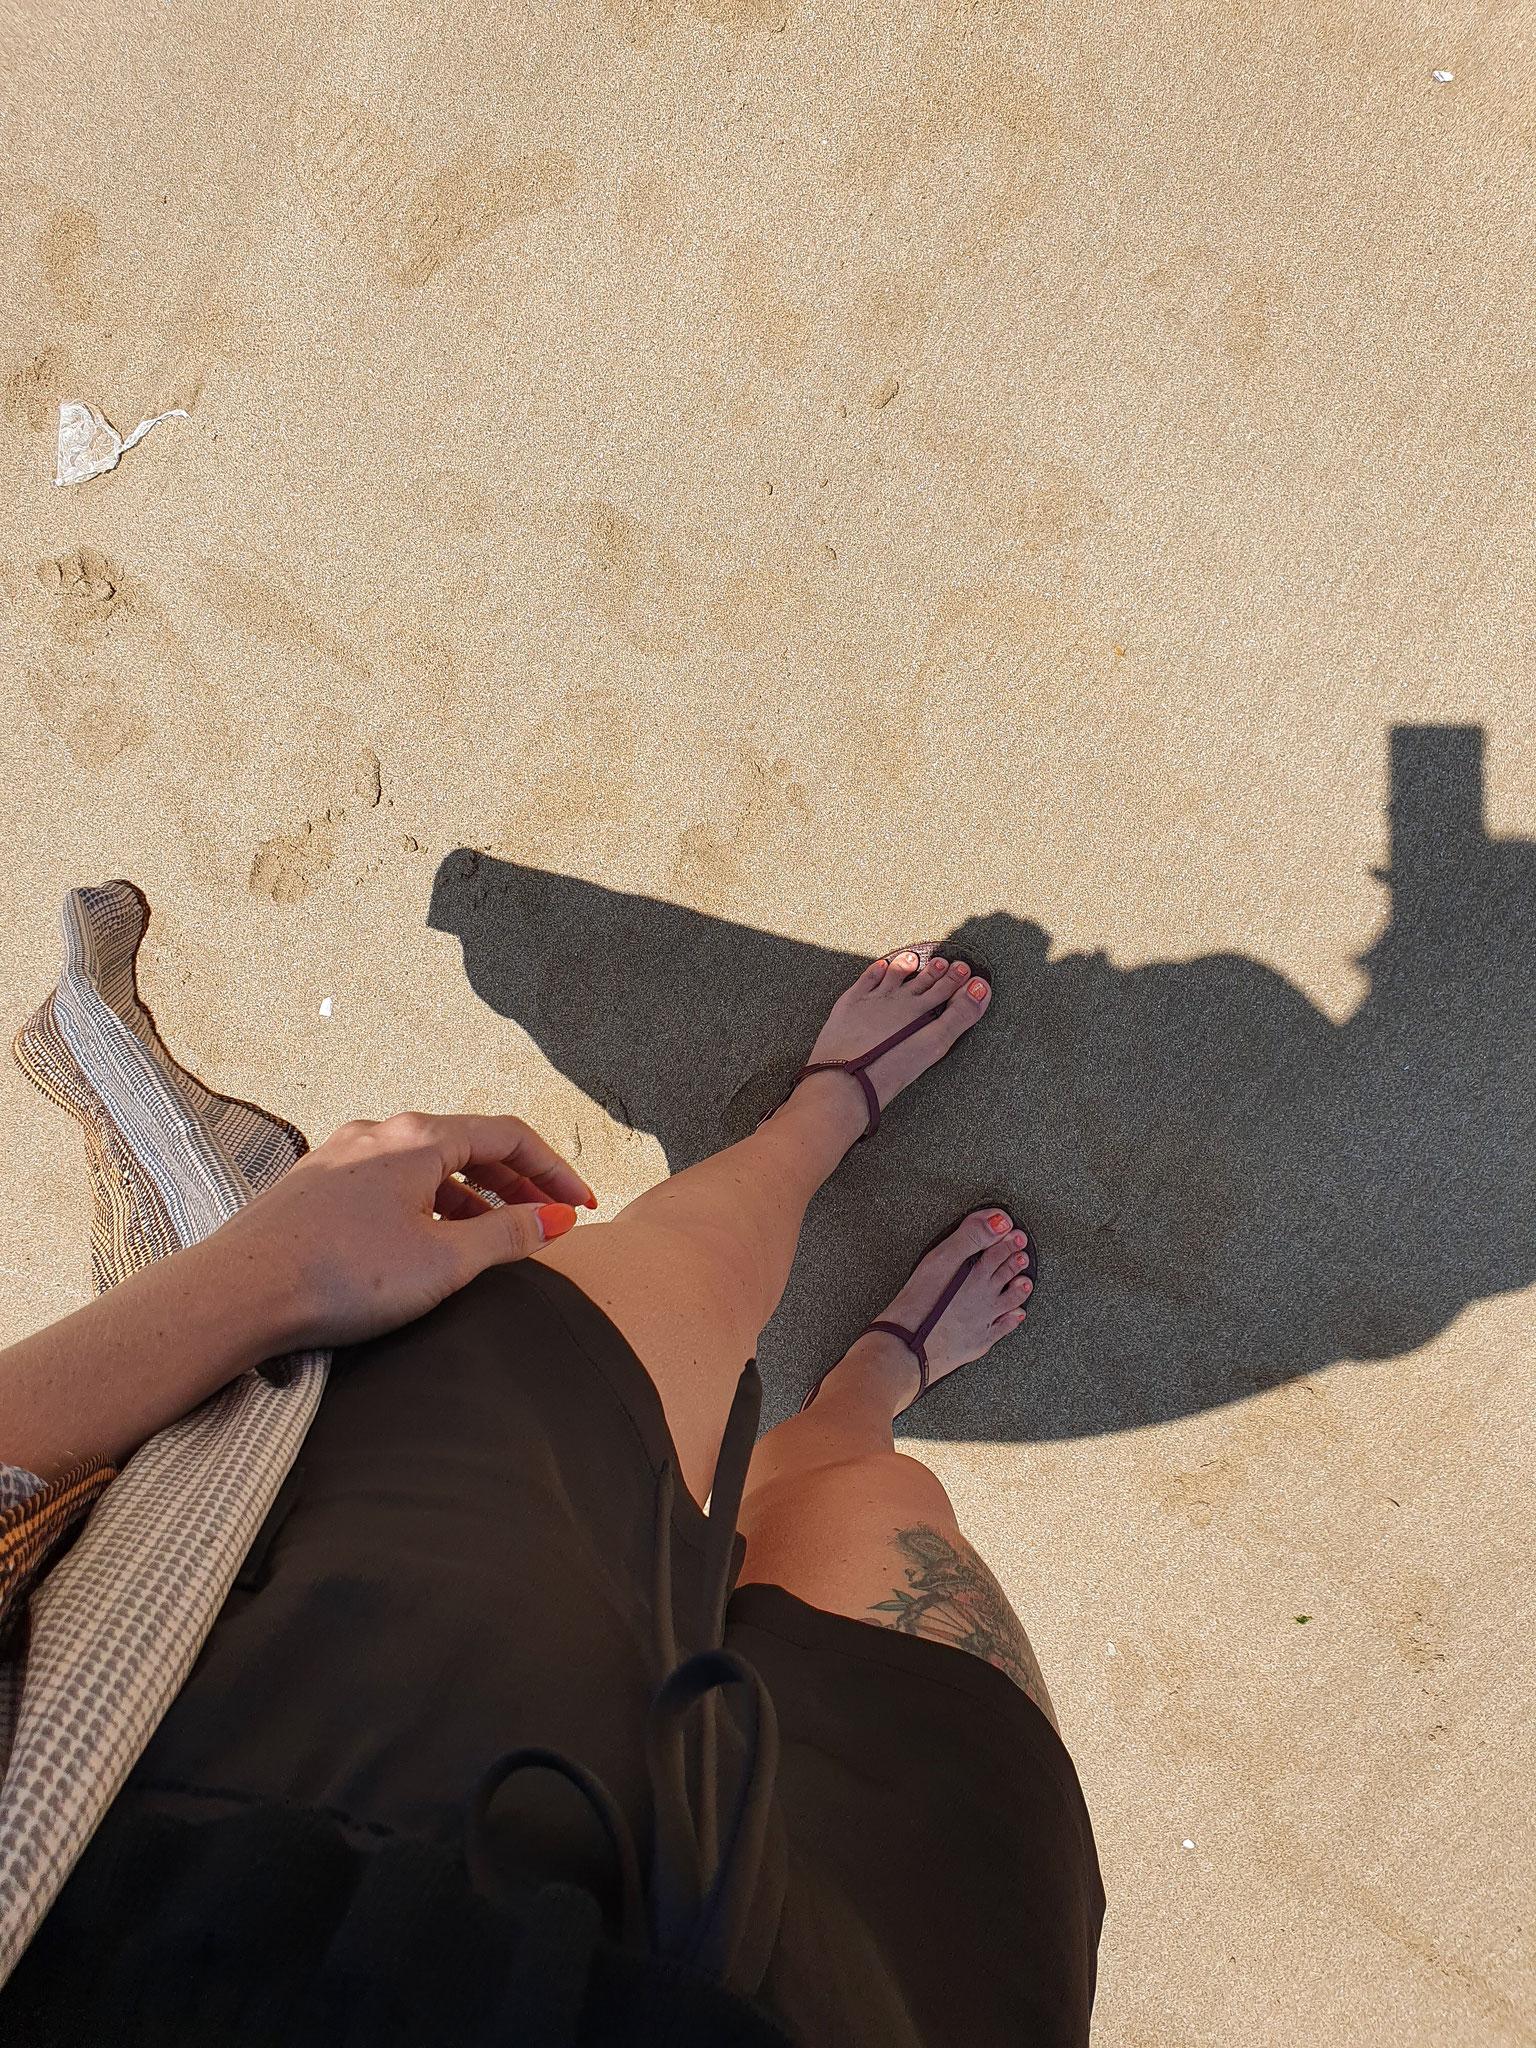 Eindelijk strand!